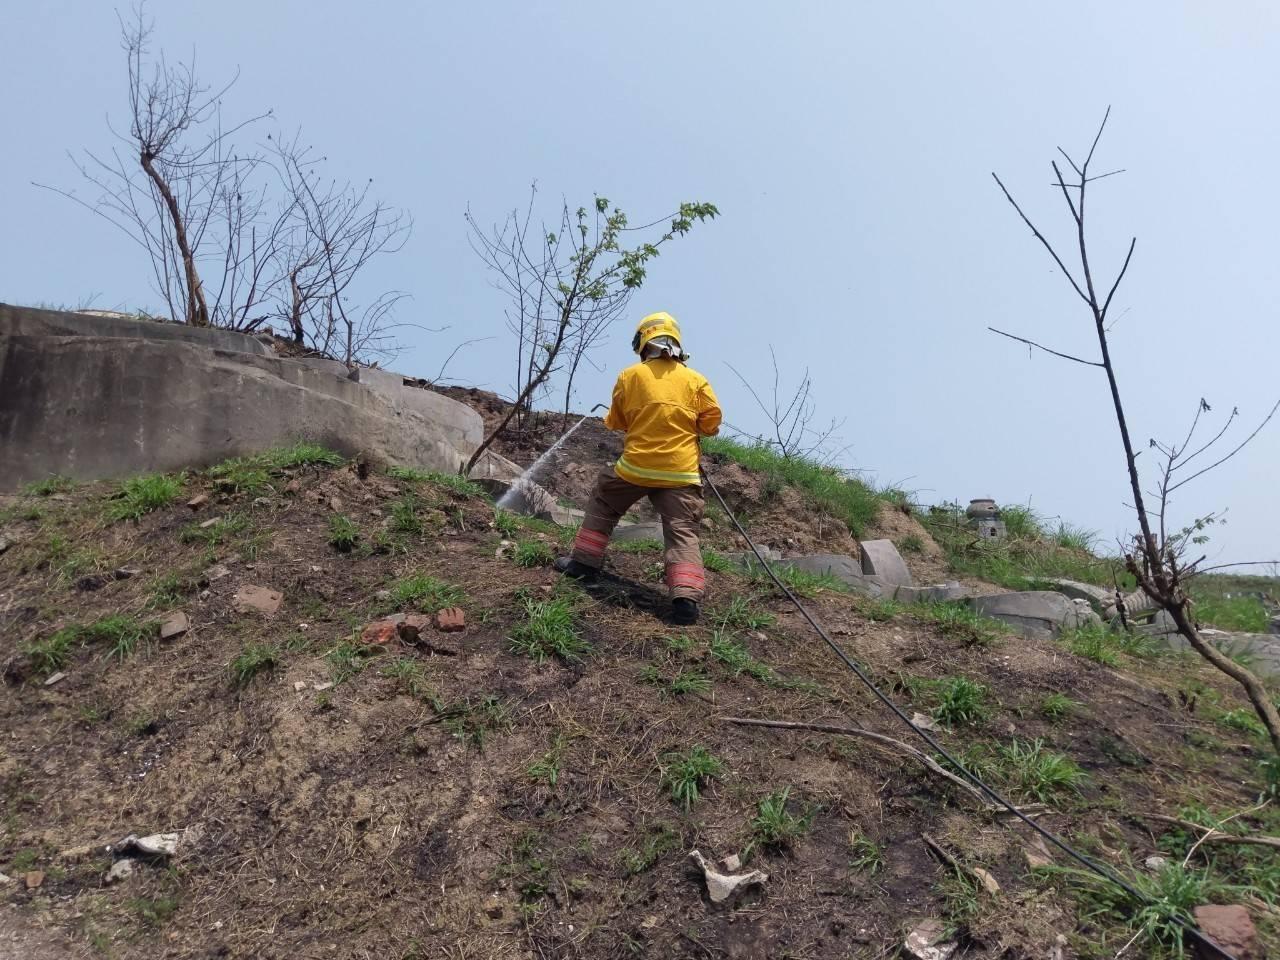 消防員使用輕量化消防衣改良滅火車輛,對抗公墓火警效果佳。圖/ 消防五大隊提供